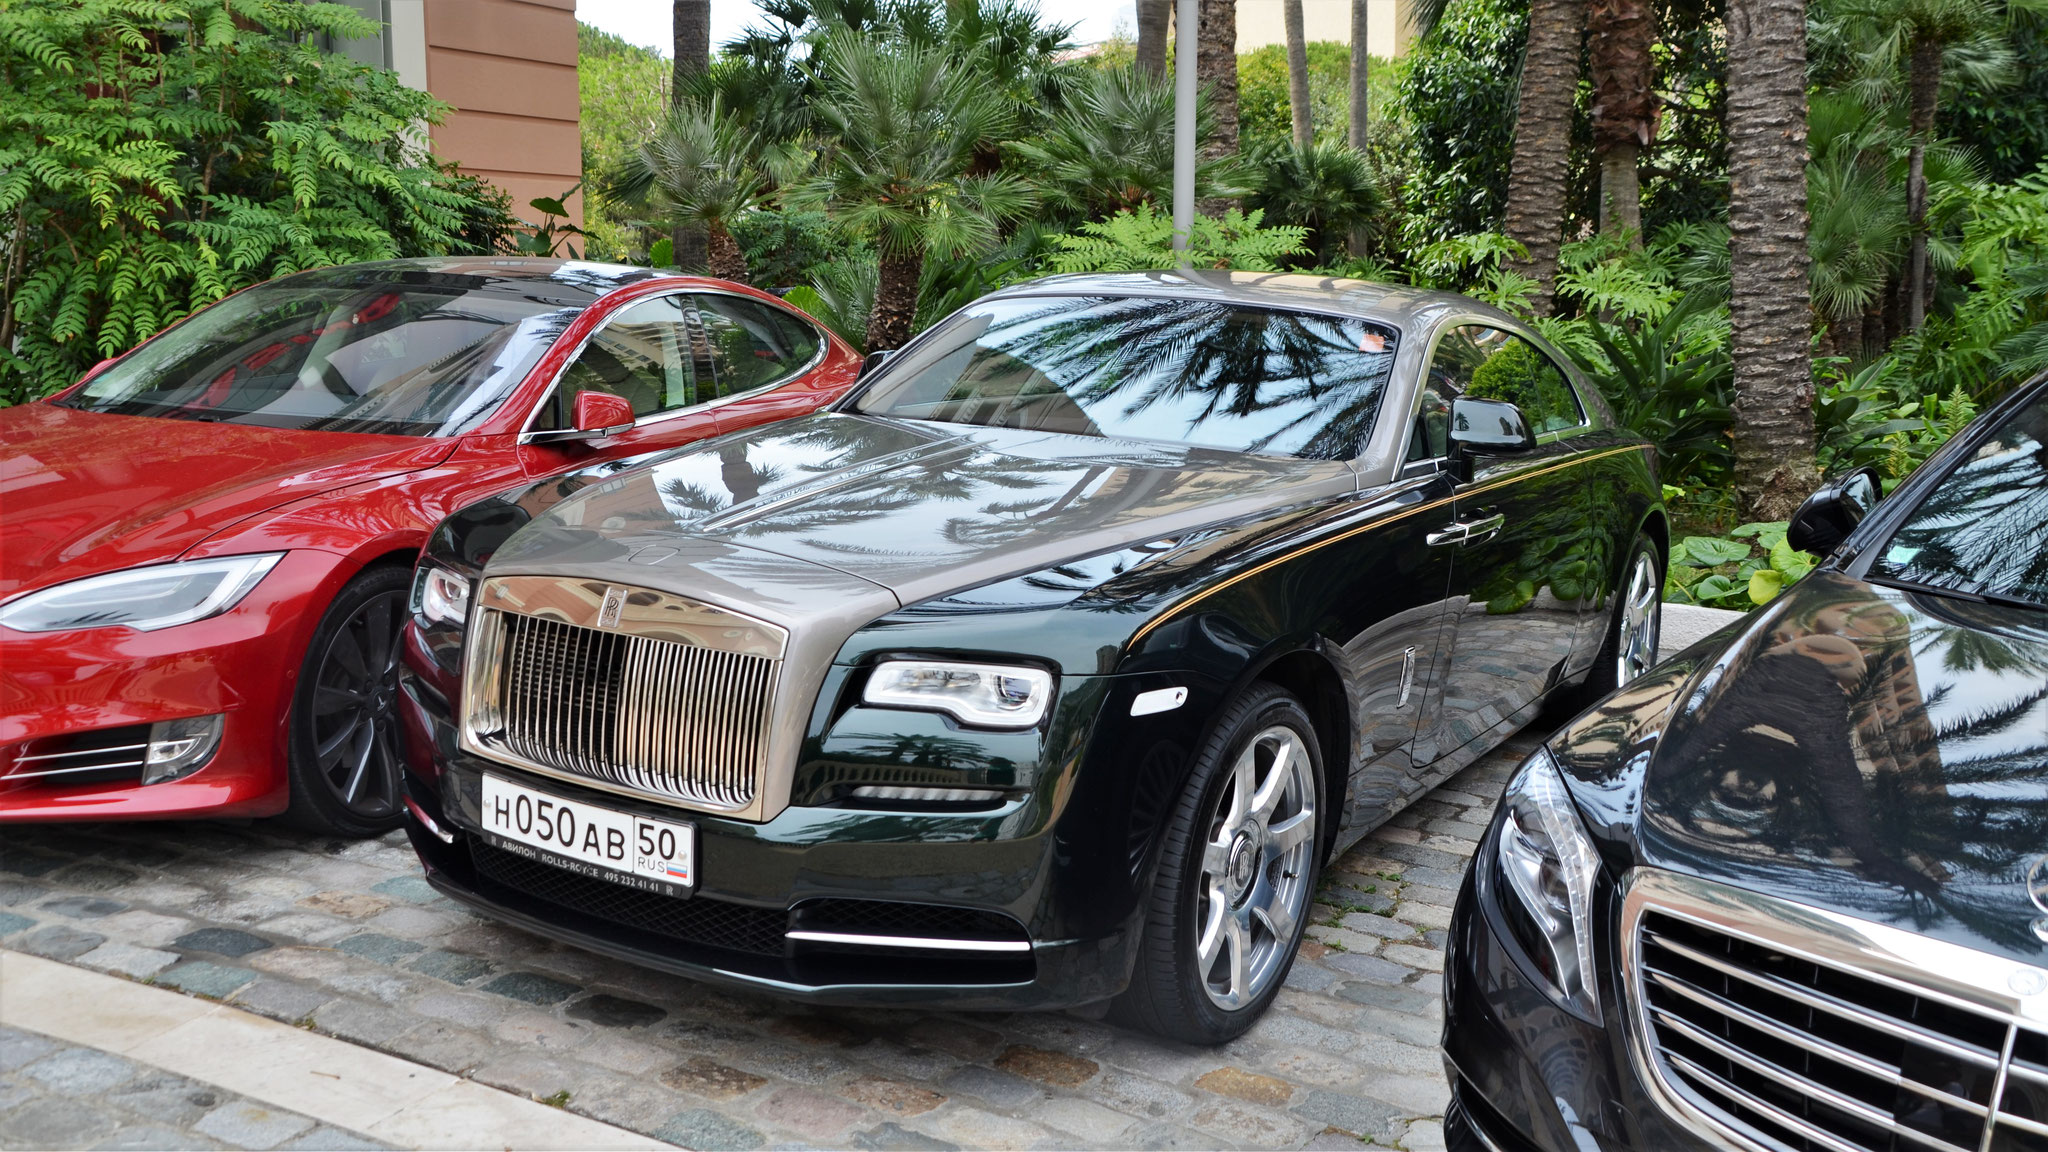 Rolls Royce Wraith - H-050-AB-50 (RUS)